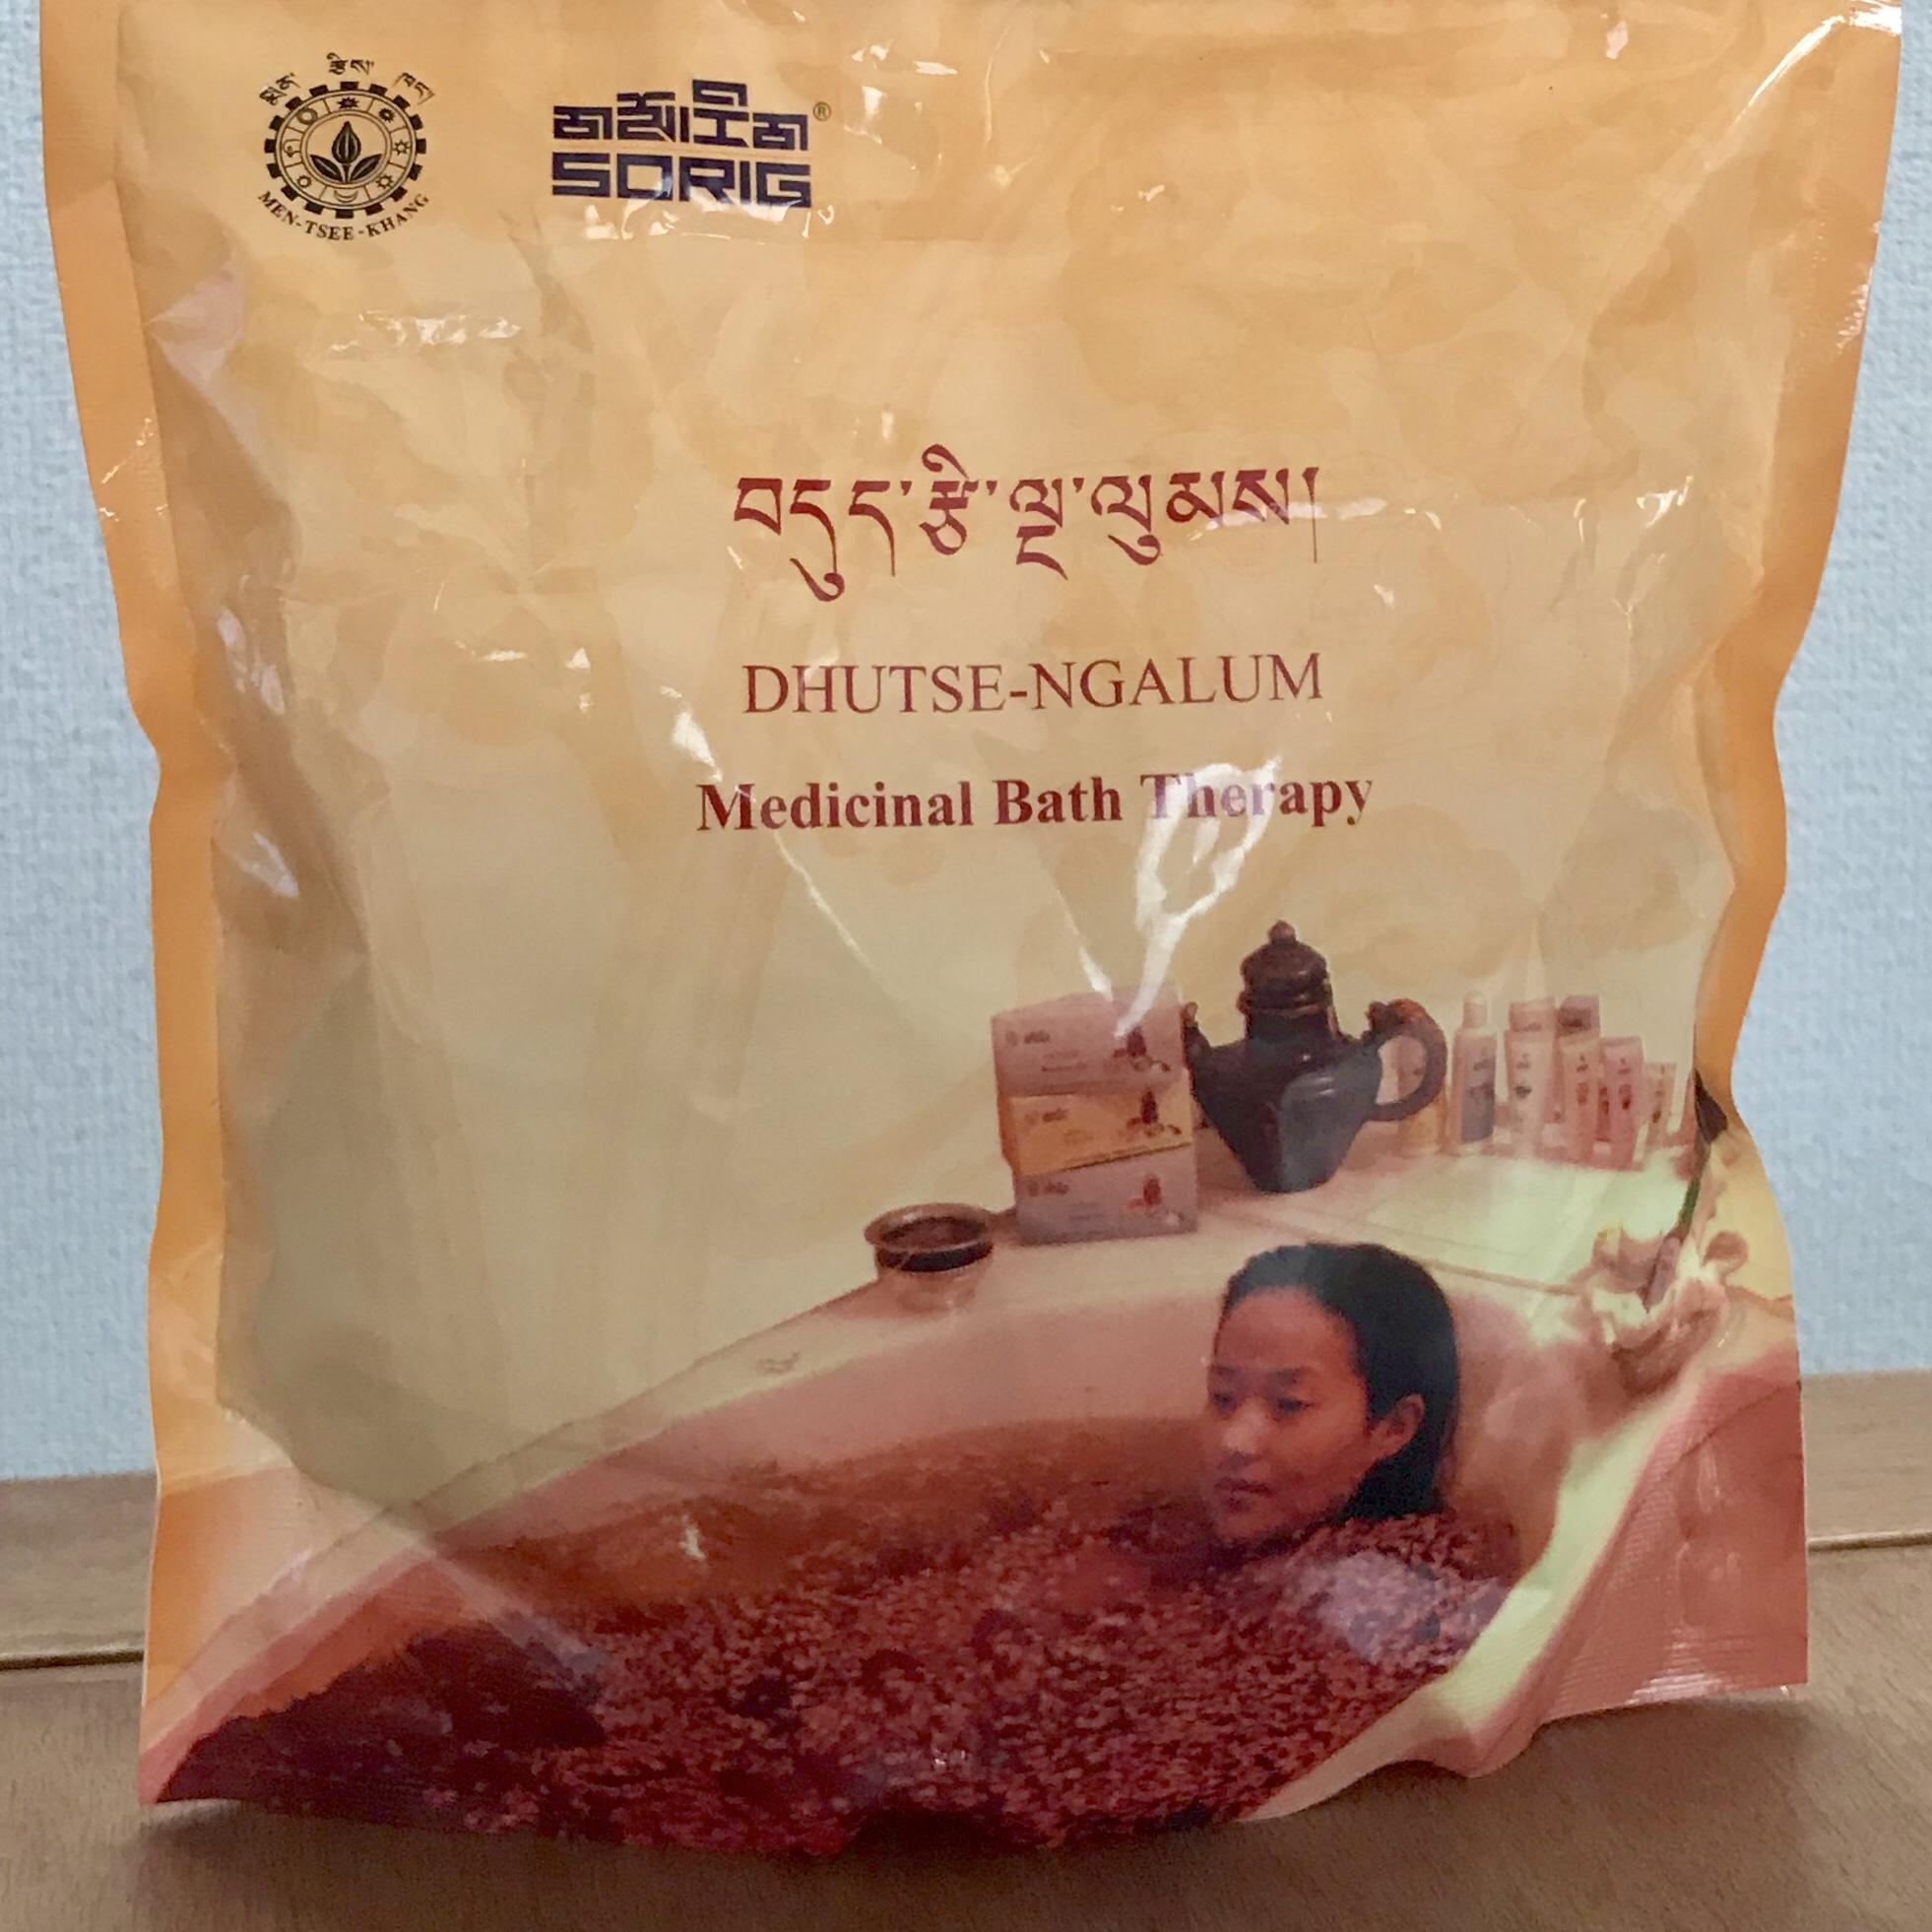 チベット医学メンツィカンの薬草風呂イメージ